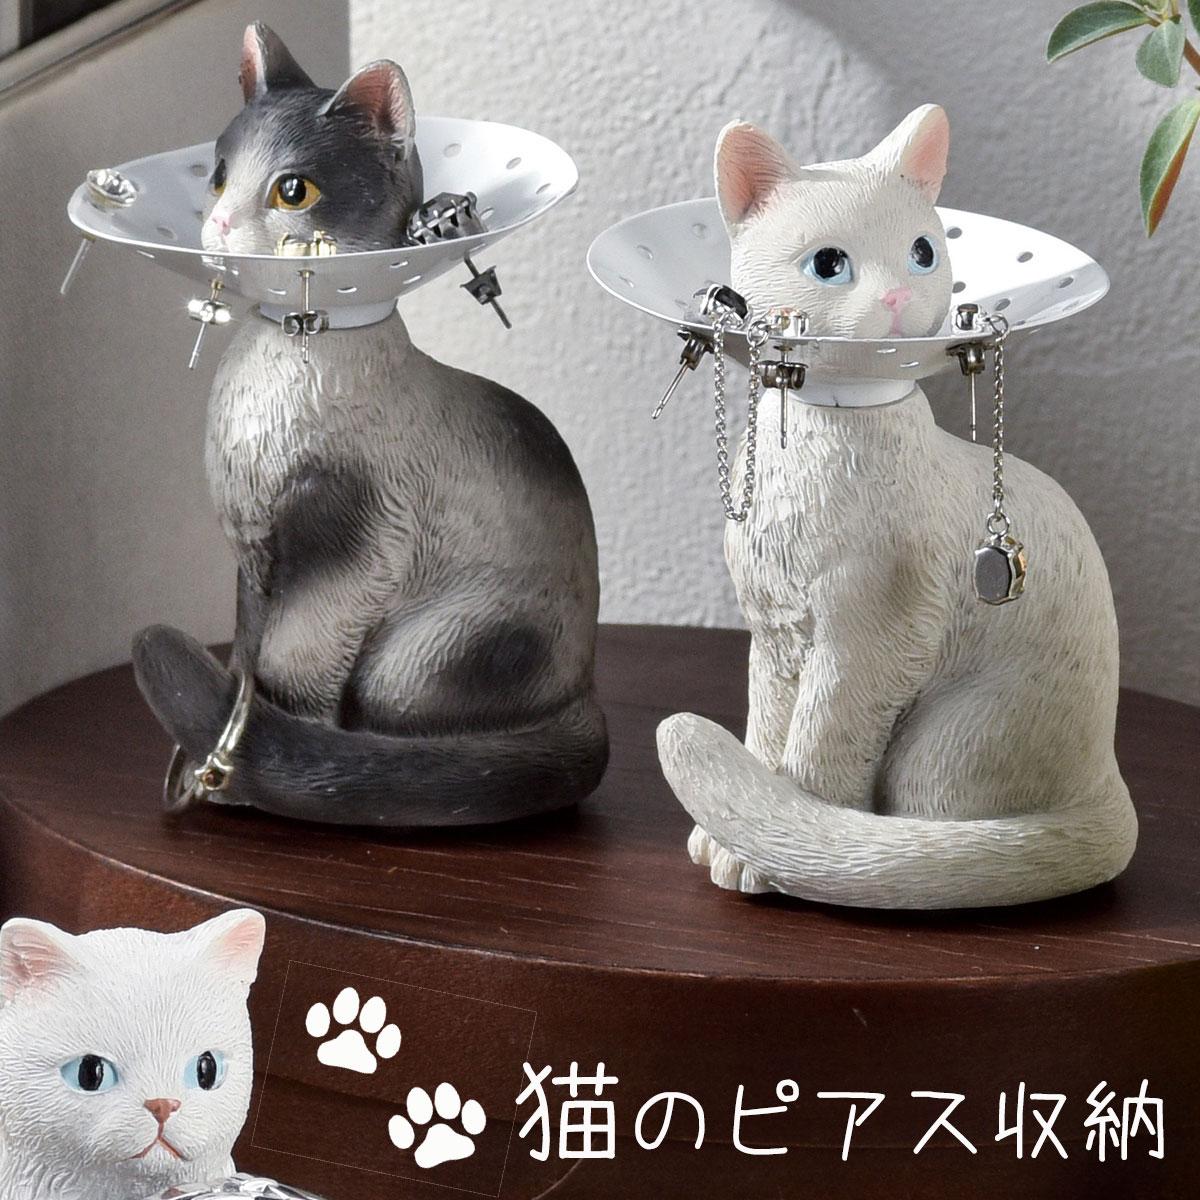 ピアススタンド ピアス 収納 アクセサリー 猫グッズ ネコ 雑貨 猫 ピアスホルダー 猫 ねこ ネコ キャット おしゃれ かわいい